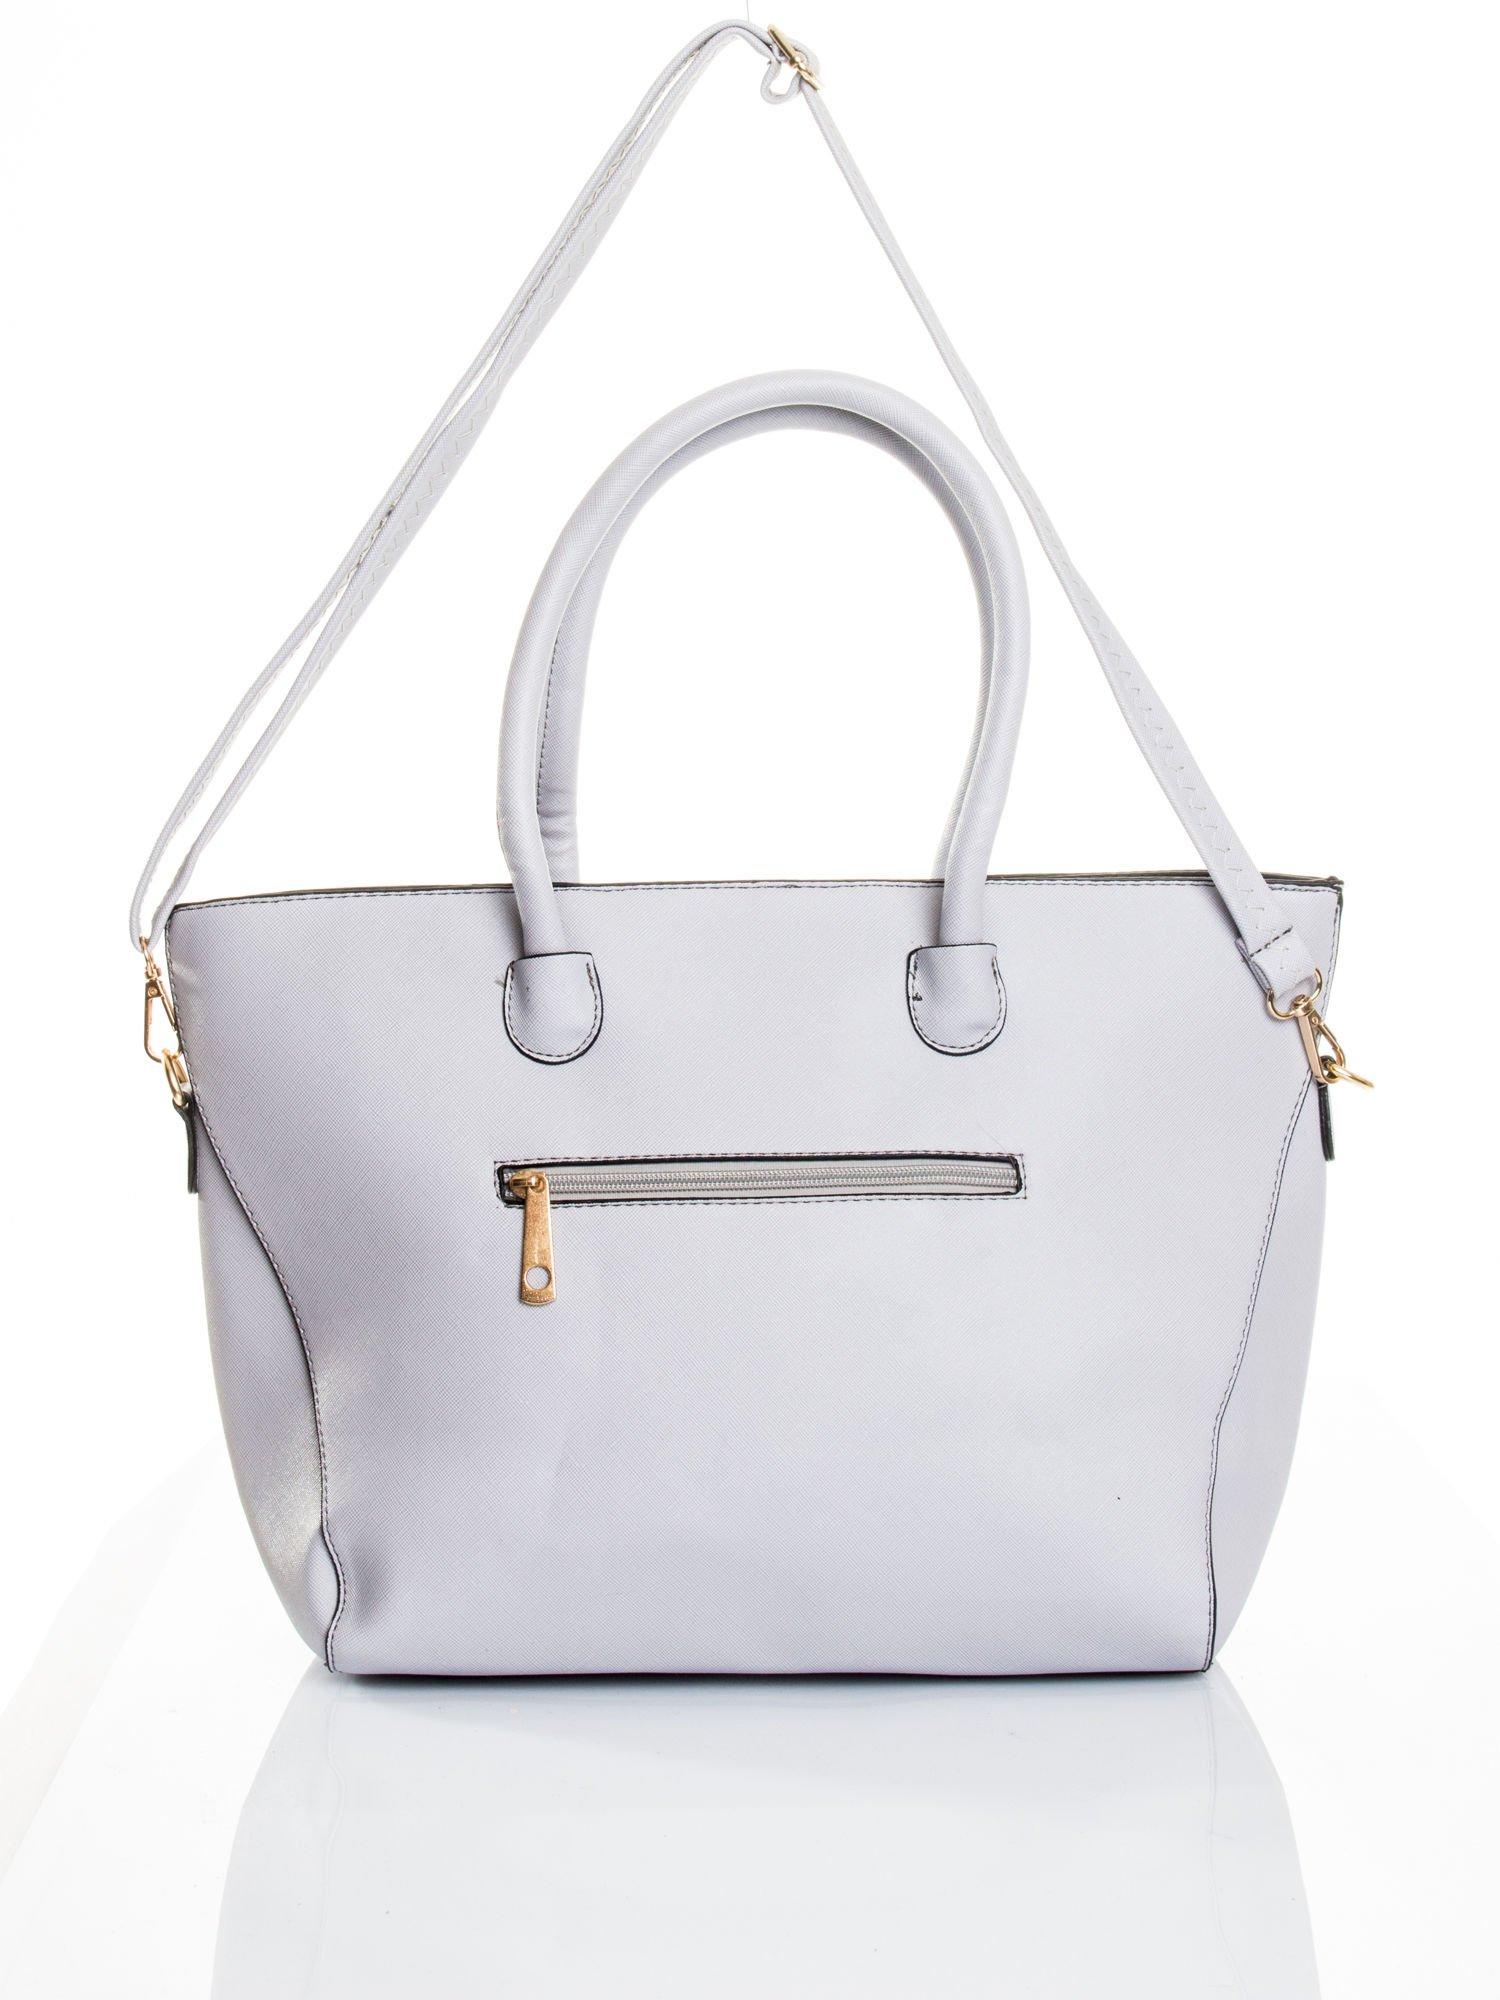 Szara torba shopper efekt saffiano                                  zdj.                                  5